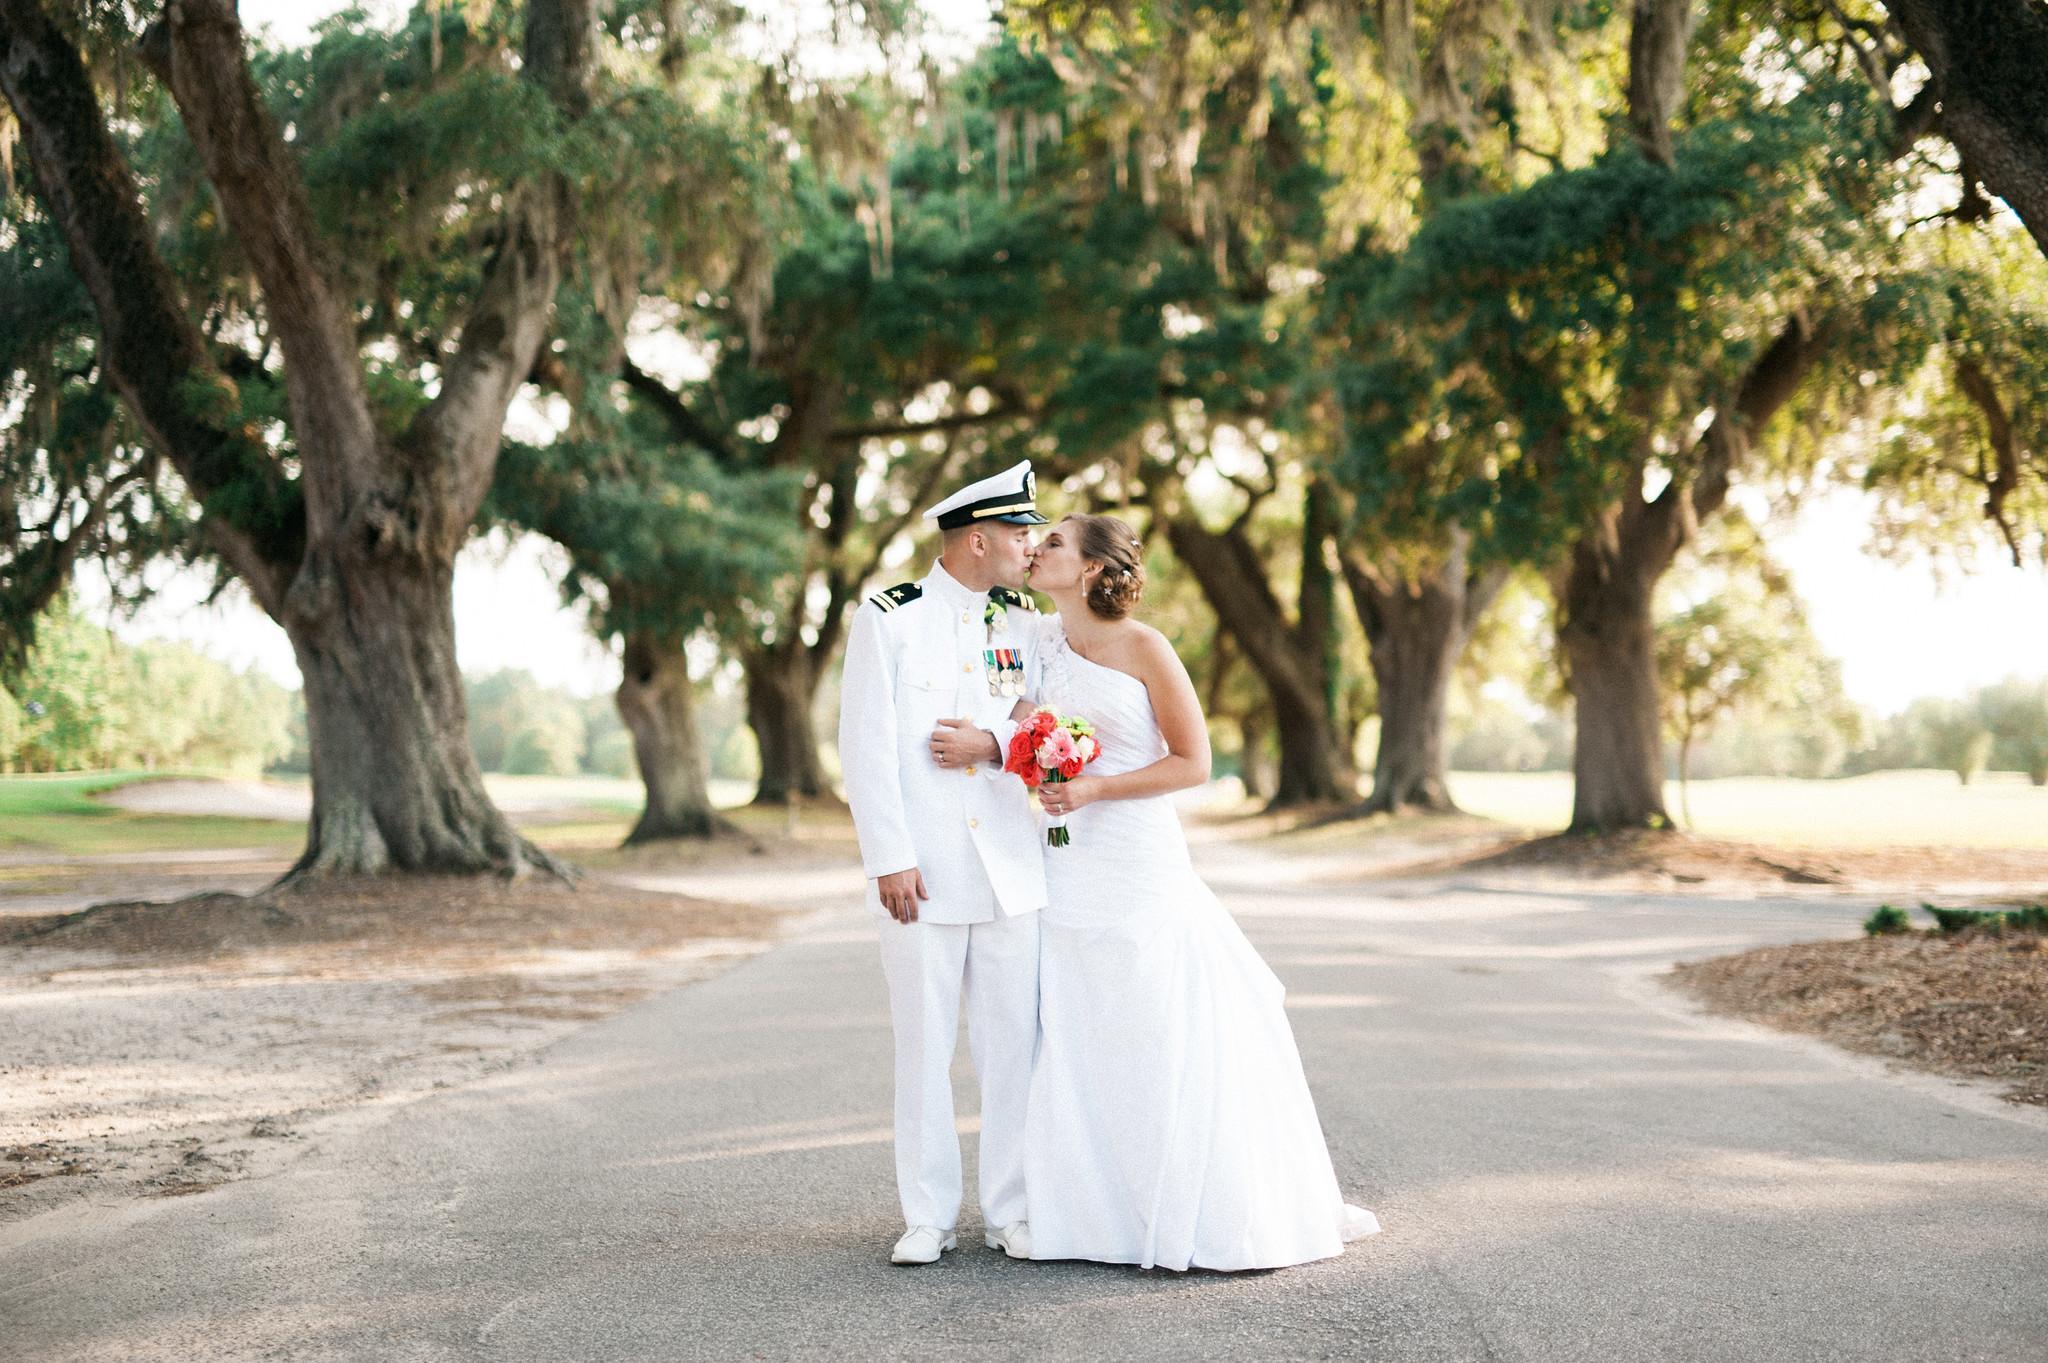 arthur-wedding-327-X4.jpg